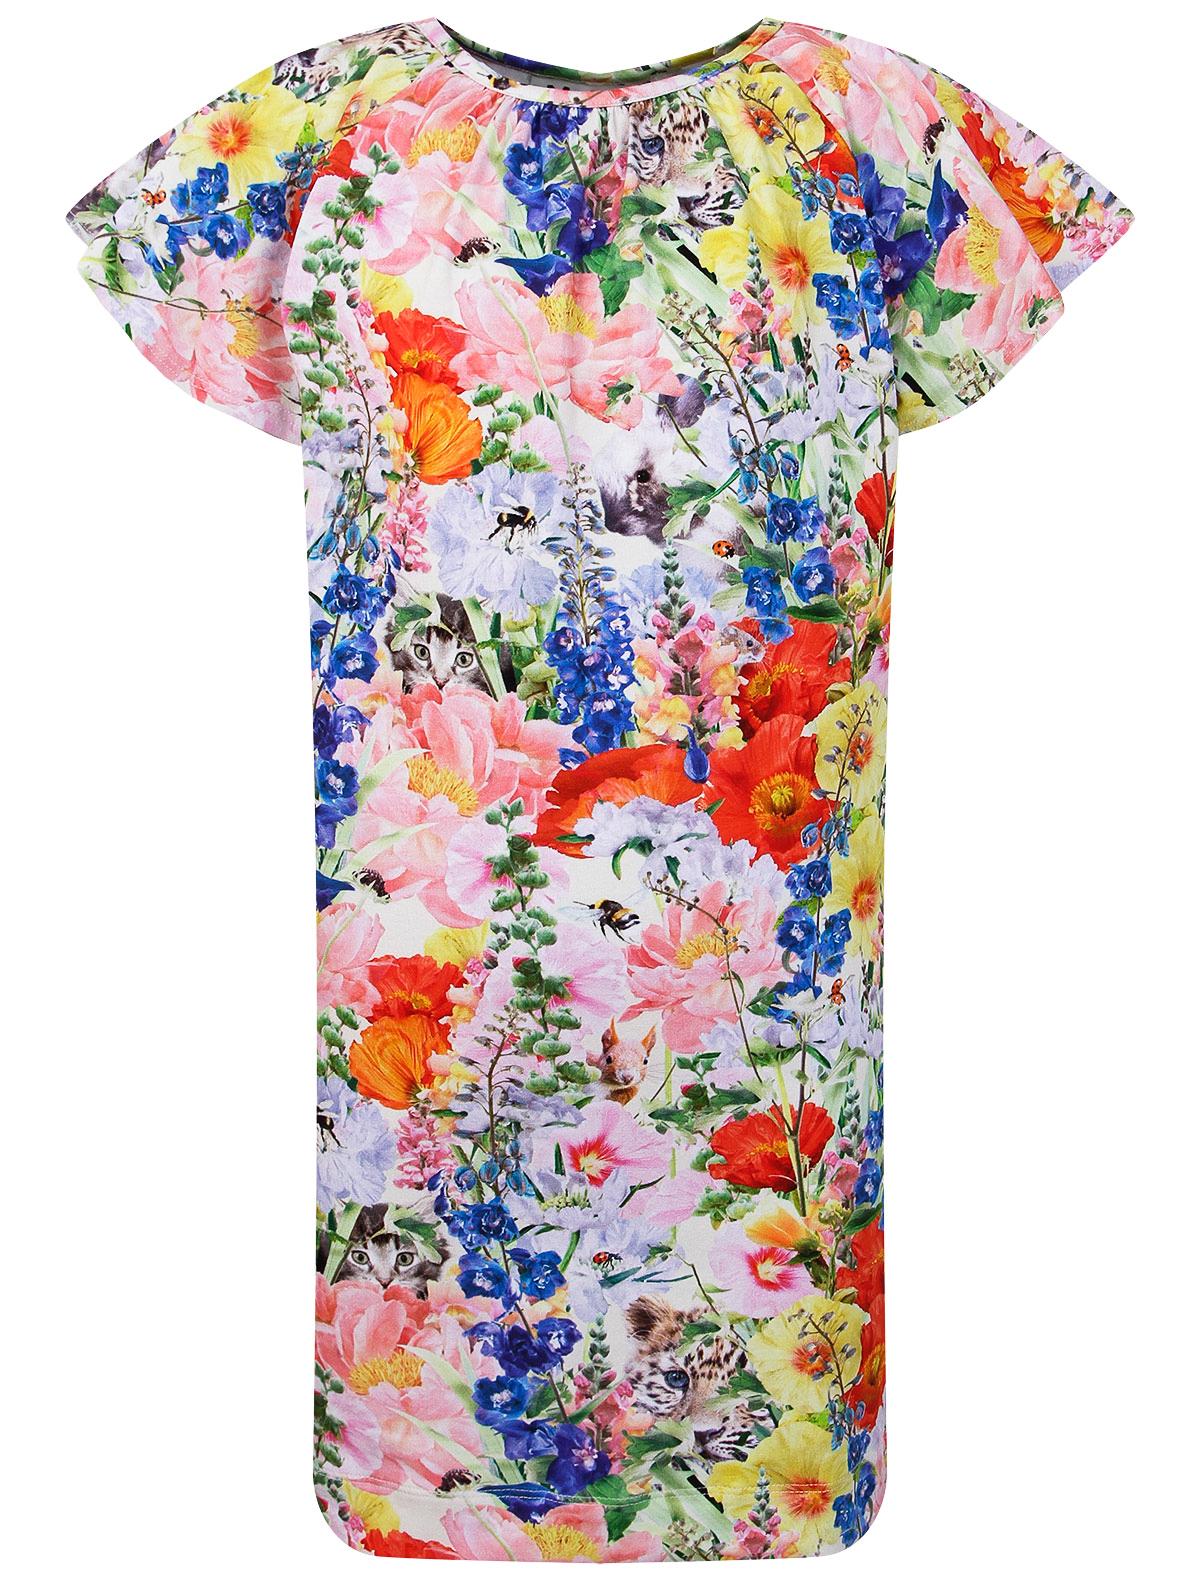 2293187, Платье MOLO, розовый, Женский, 1054609170625  - купить со скидкой